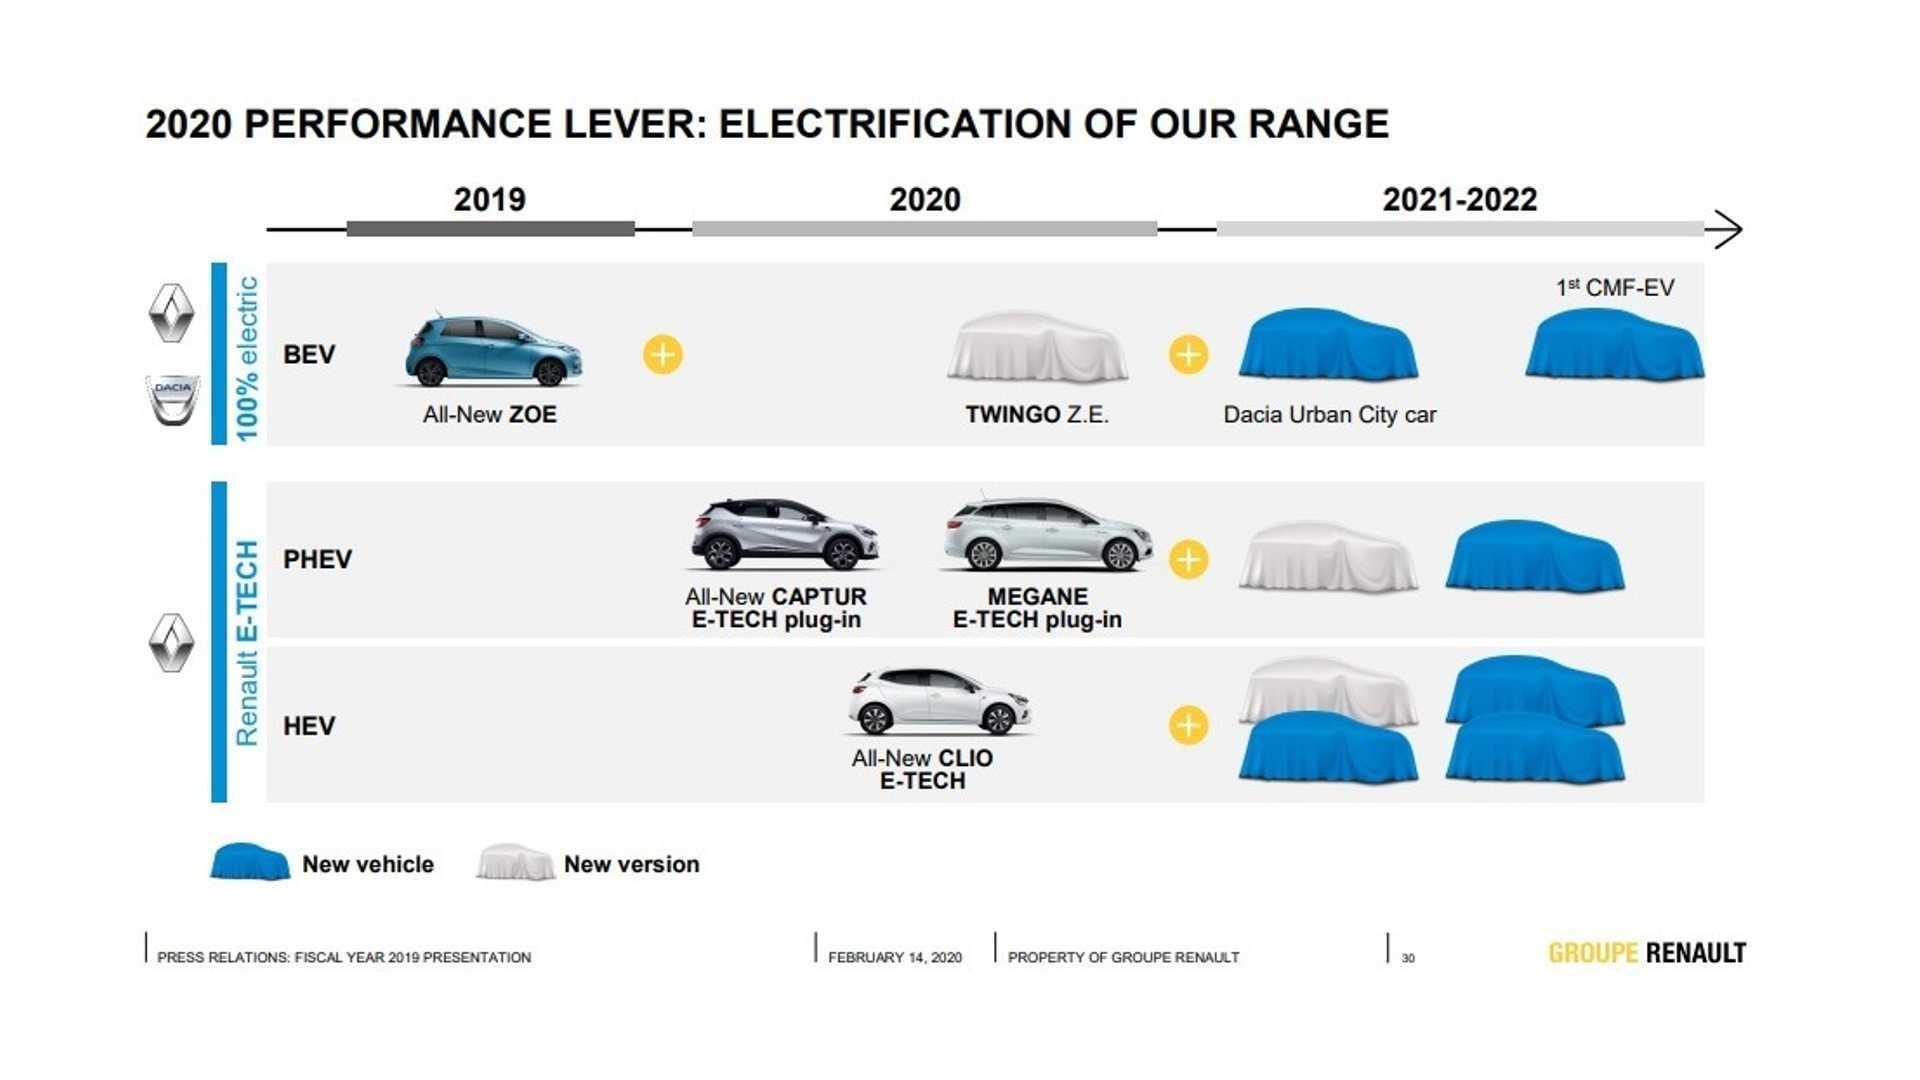 Планы Renault по выпуску новых моделей на электротяге. Грядущий Dacia EV можно заметить сверху справа